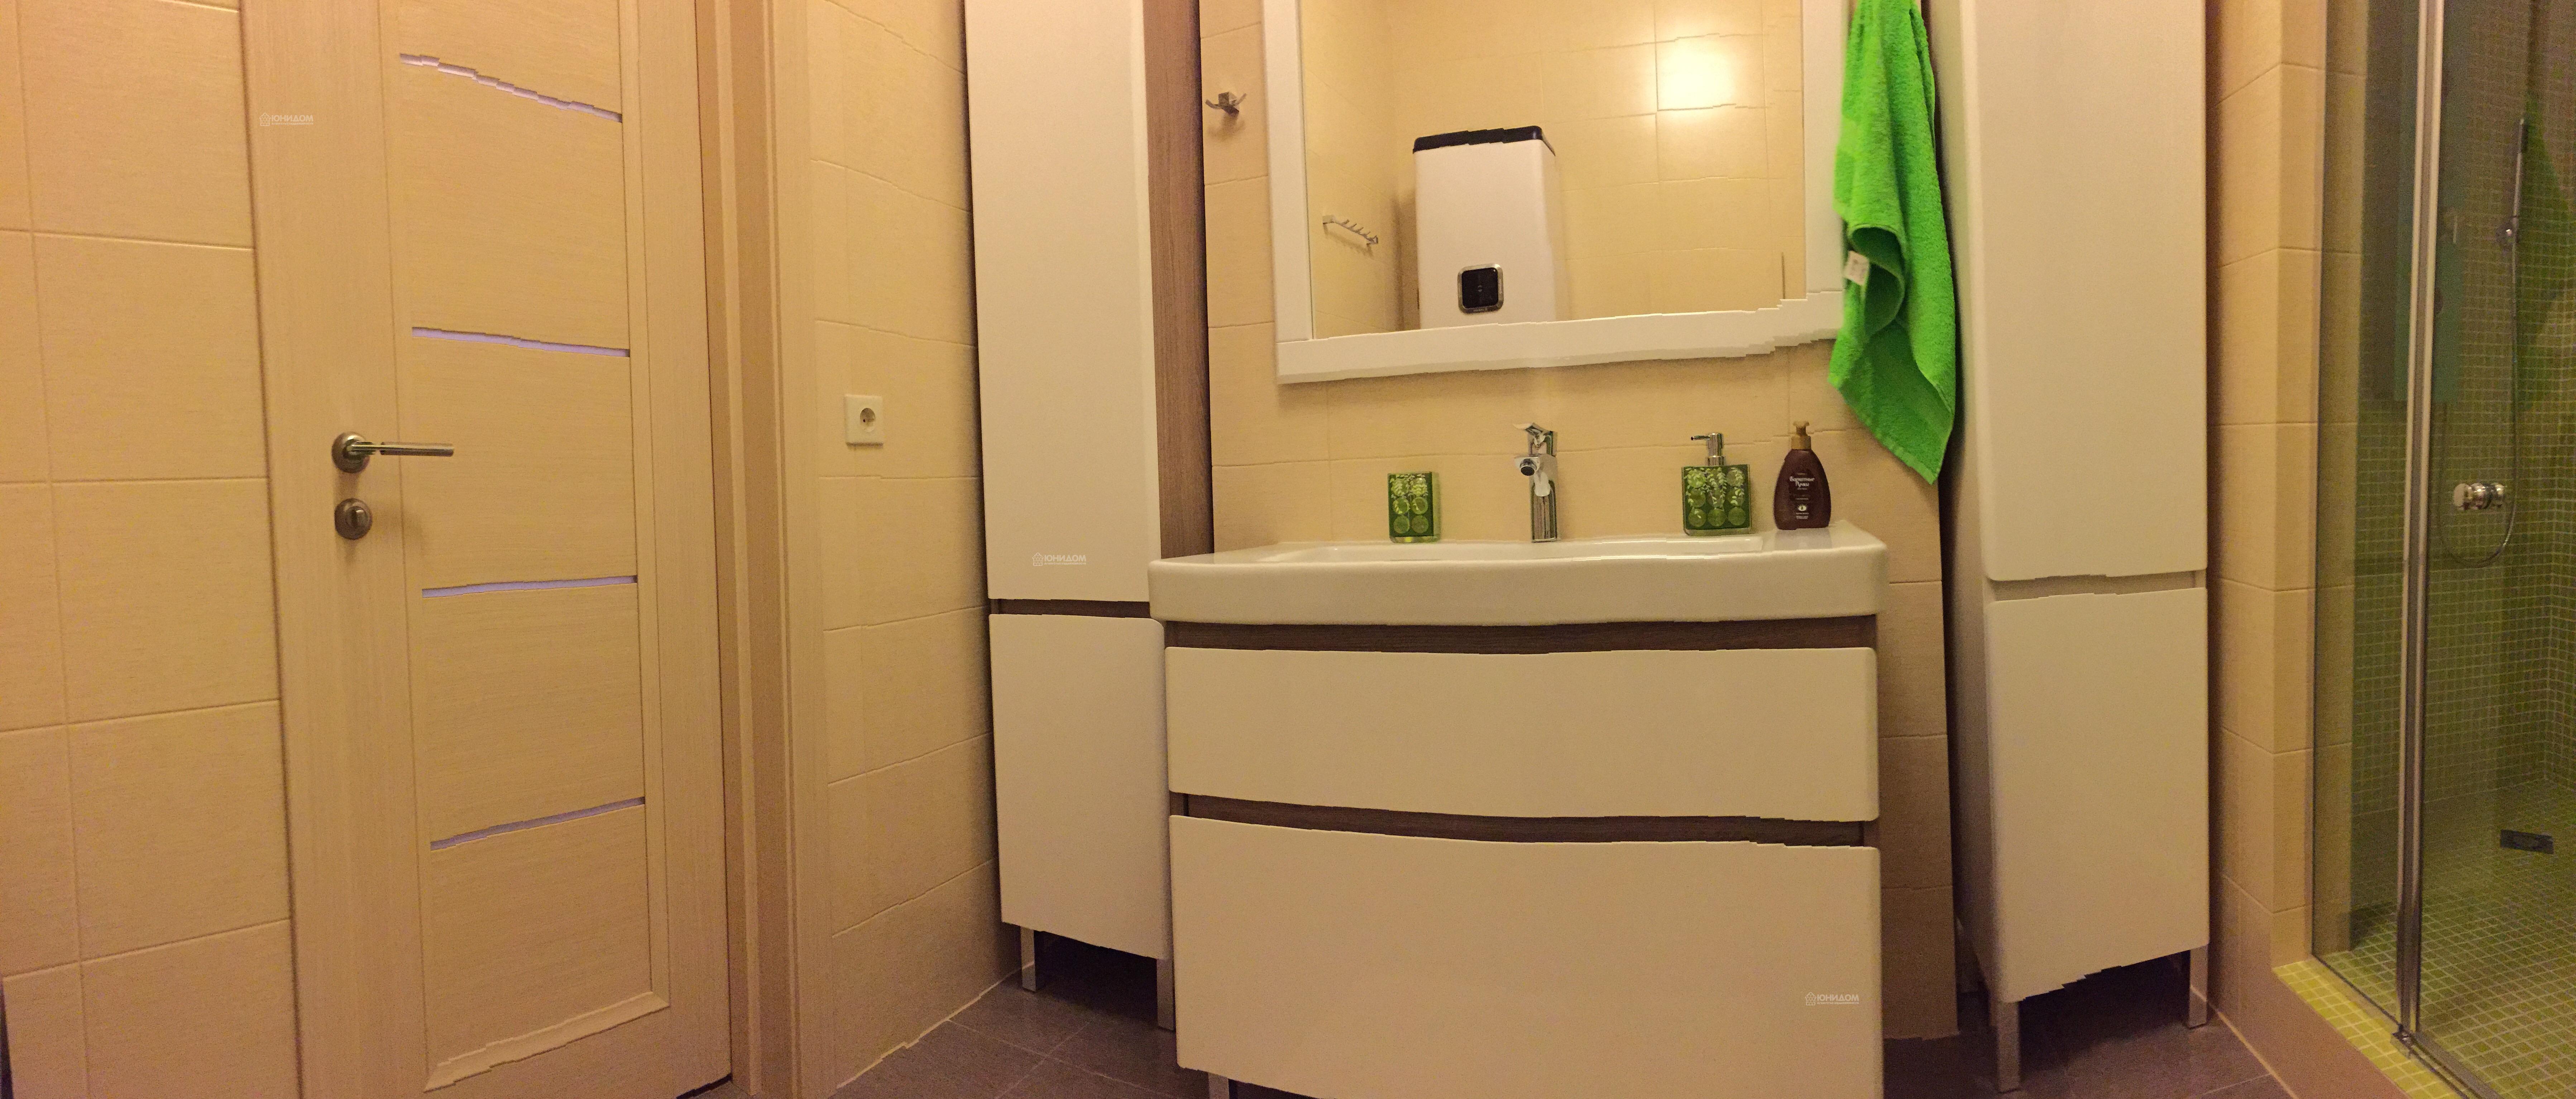 Продам 2-комн. квартиру по адресу Россия, Тюменская область, Тюмень, Малыгина 90 фото 7 по выгодной цене